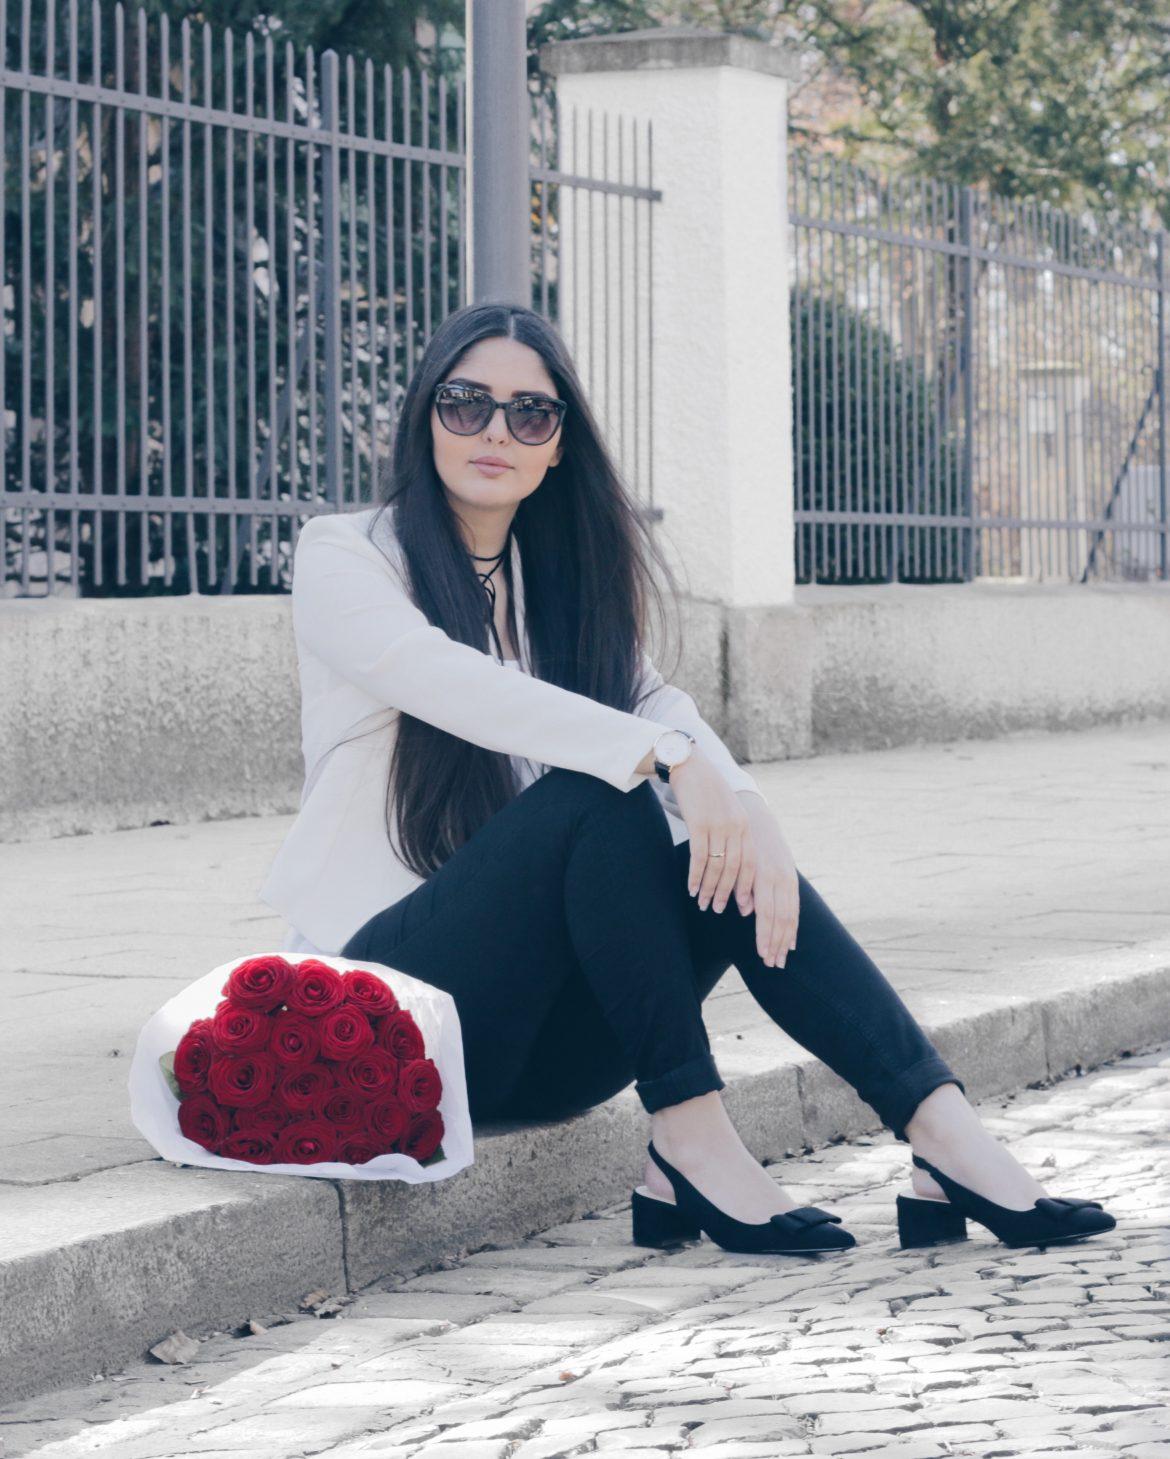 1 Dia das mães - Bouquet de rosas vermelhas - Kezia Happuck